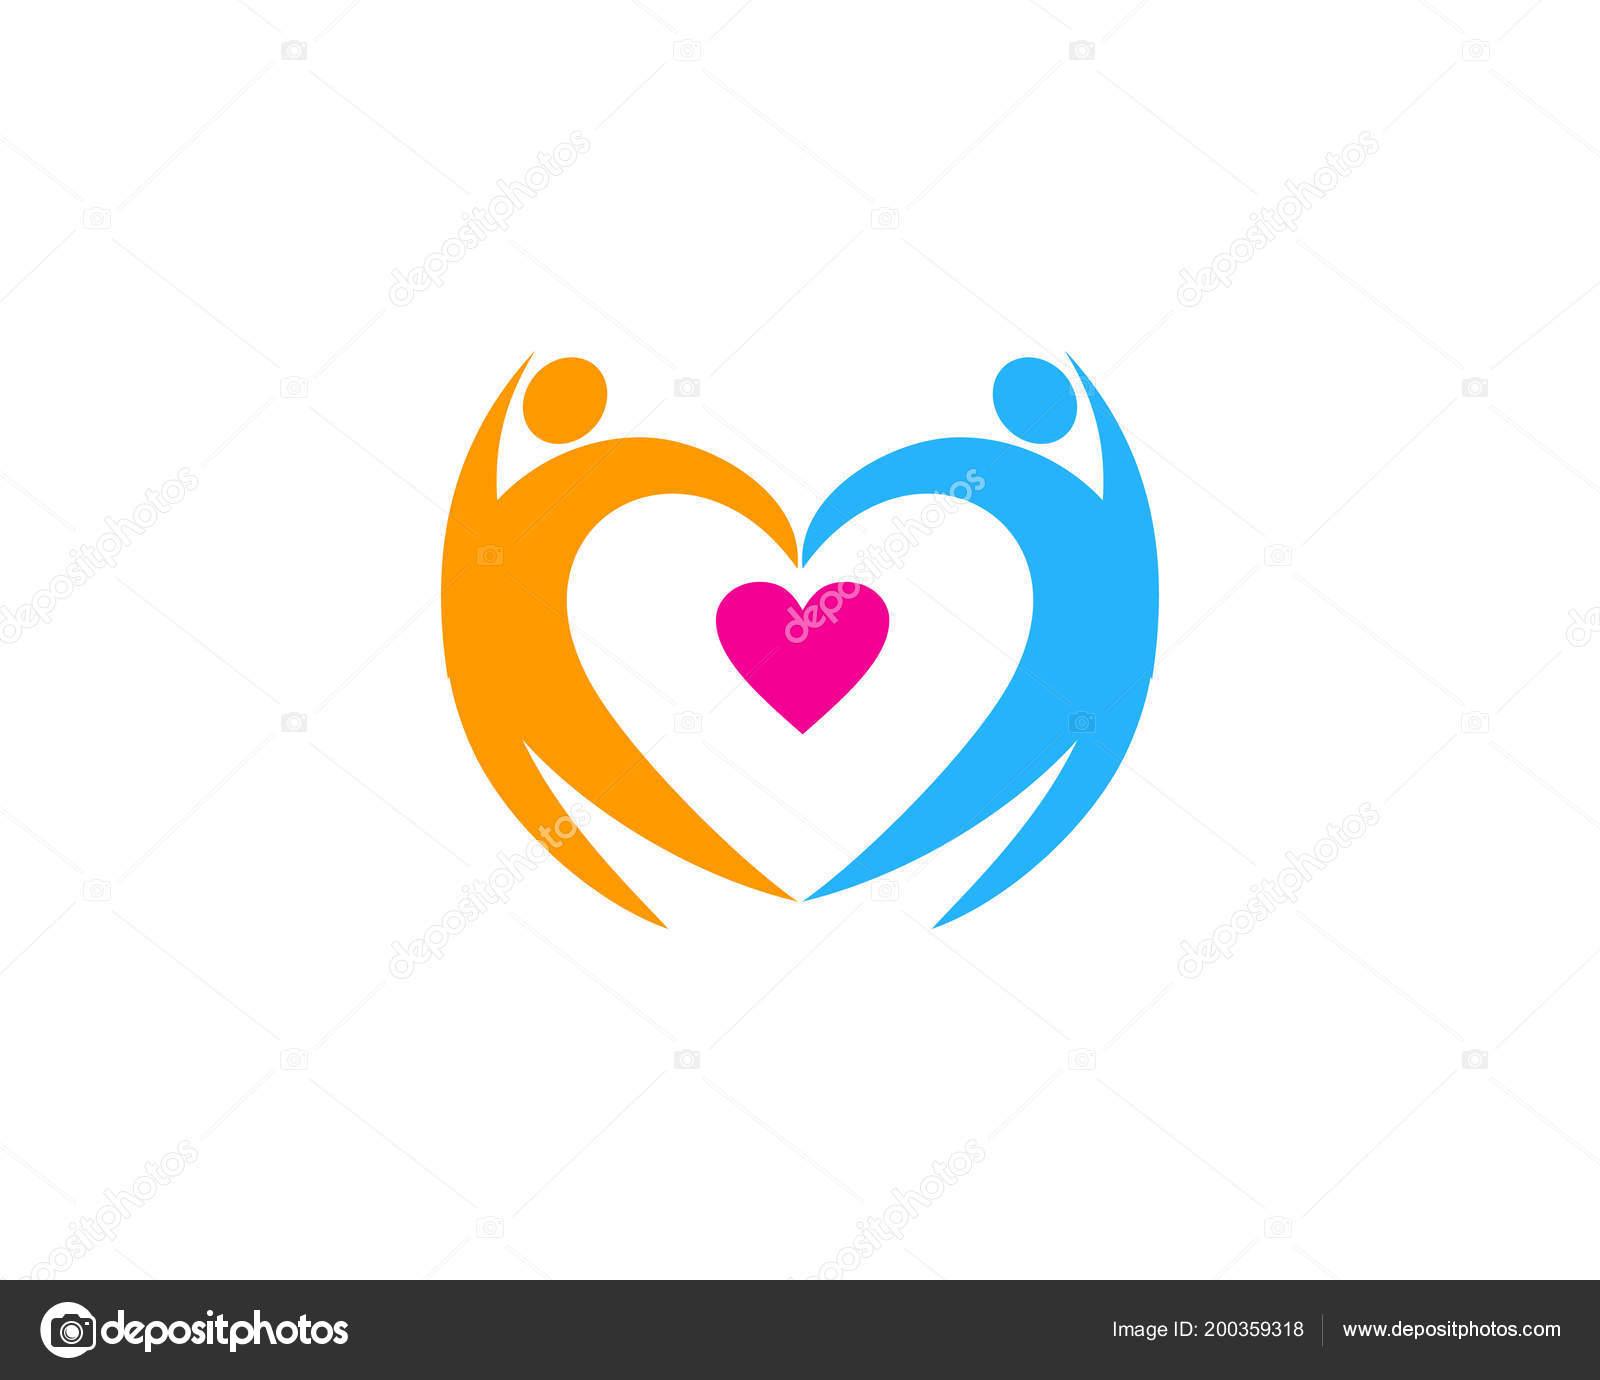 48c8cbba4d9a Дизайн Иконок Логотип Романтический Человек — Векторное изображение ...